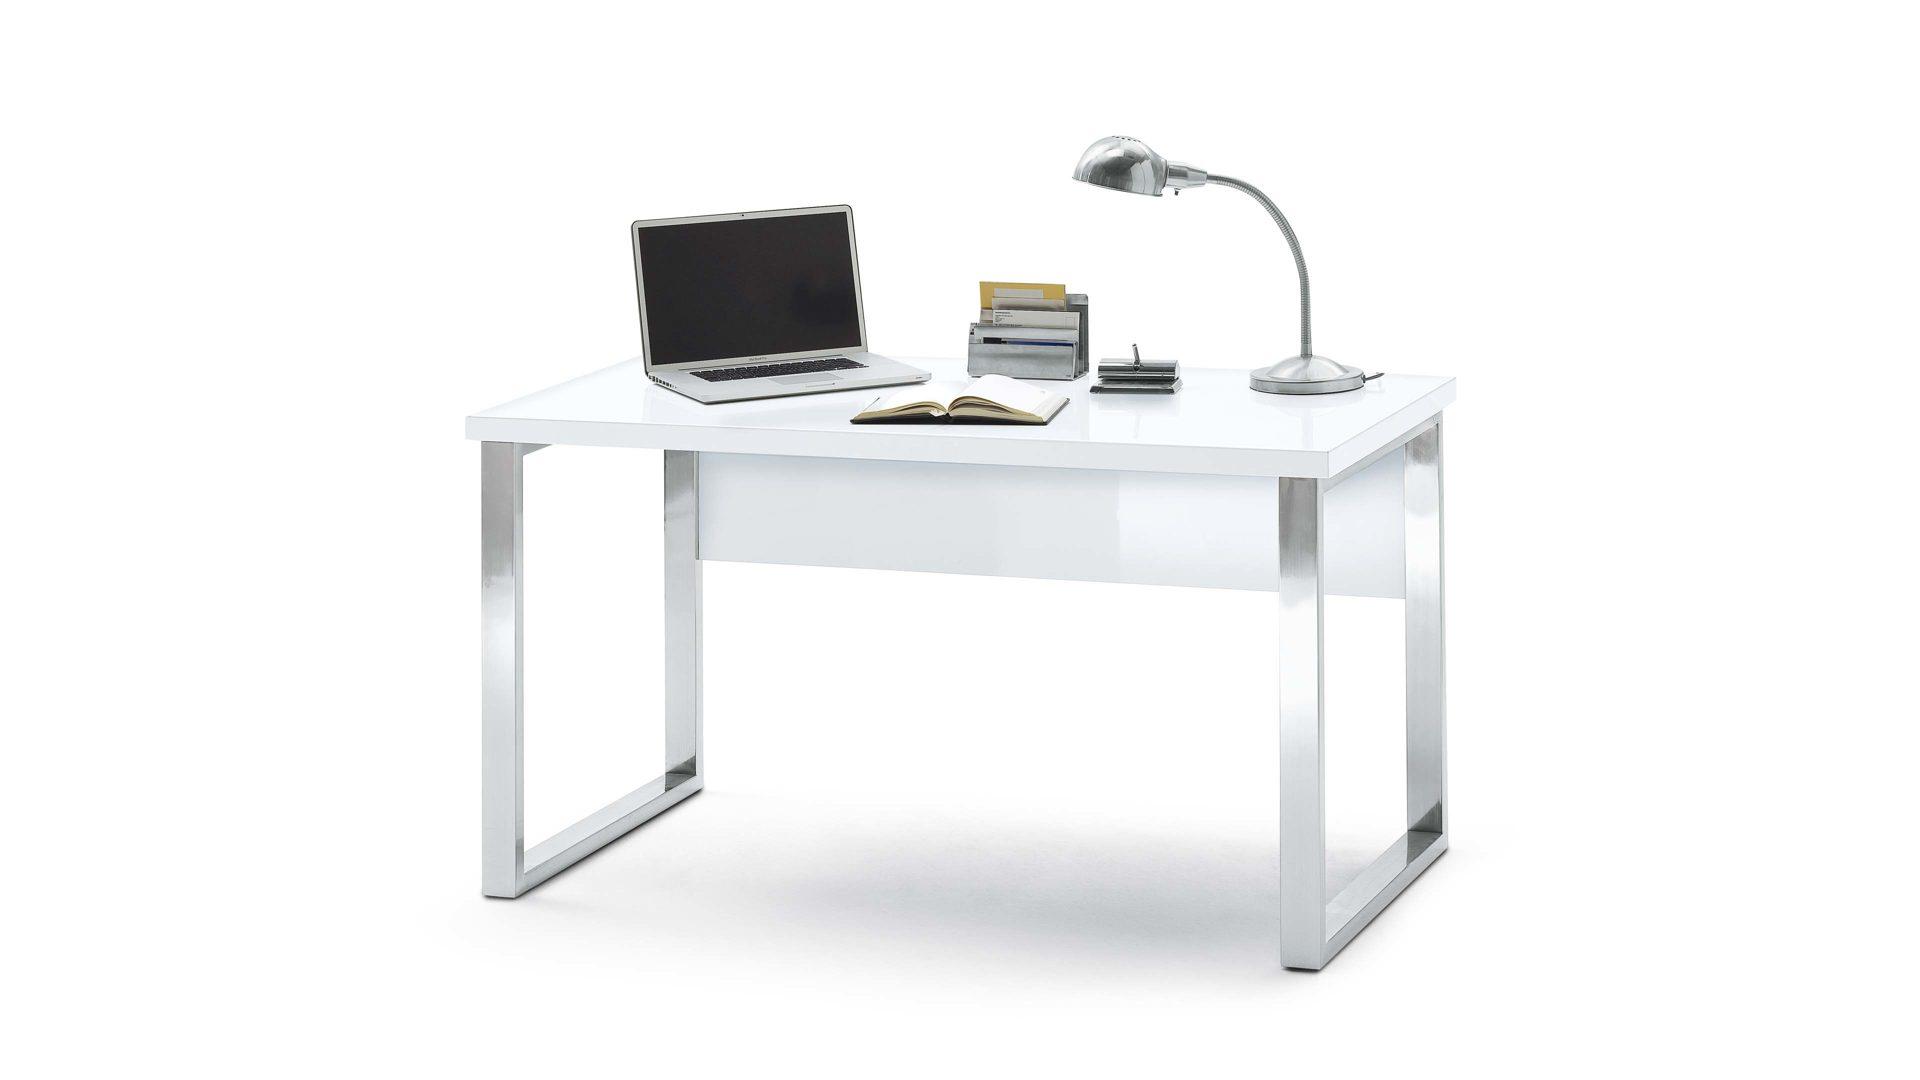 Schreibtisch Mca Furniture Aus Holz In Weiß Schreibtisch Fürs Wohnzimmer  Oder Home Office Verchromtes Gestell U0026